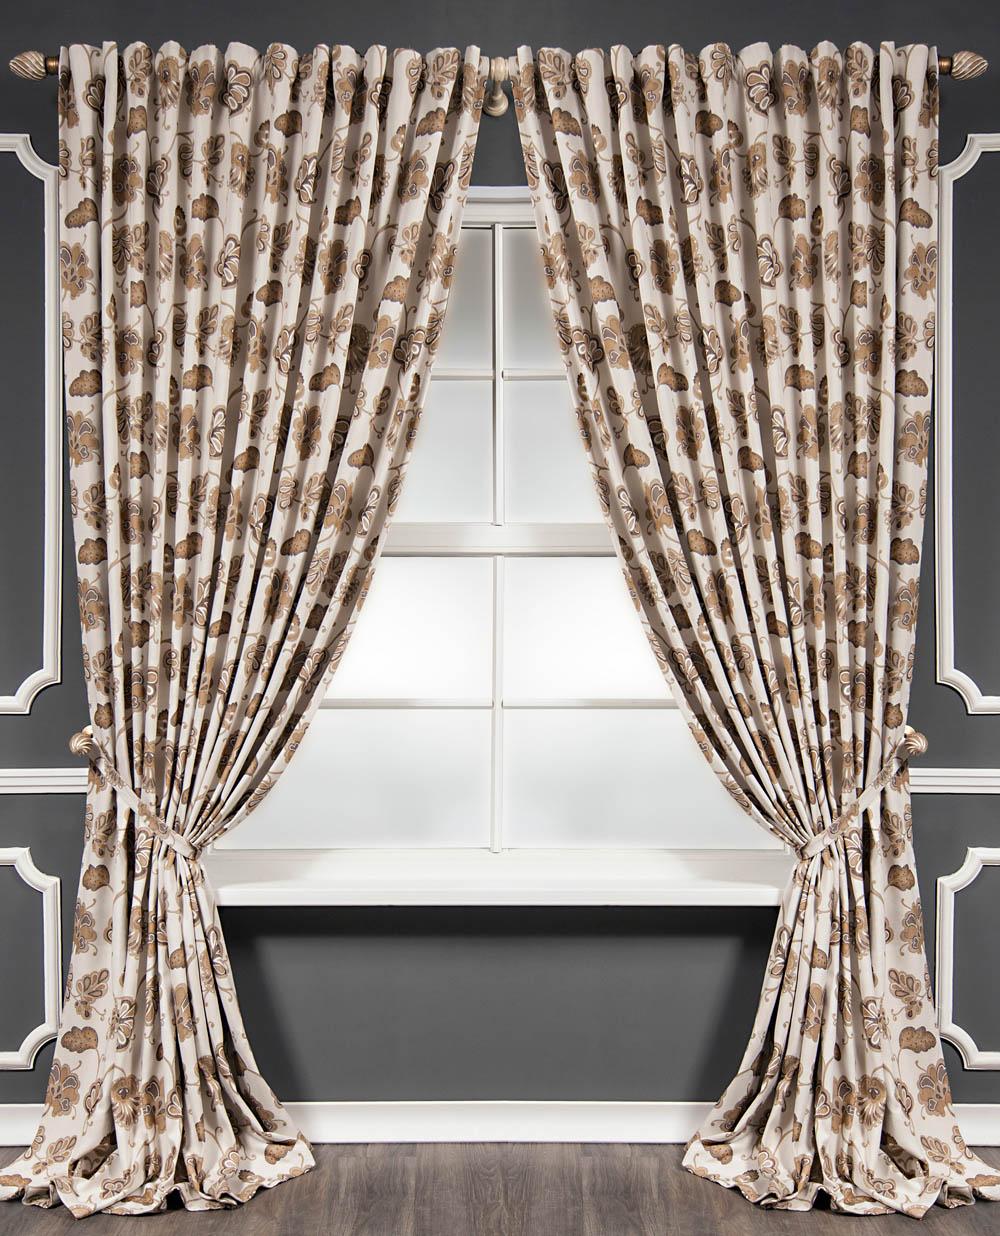 Шторы PASIONARIA Классические шторы Стоун Цвет: Бежевый шторы tac классические шторы winx цвет персиковый 200x265 см